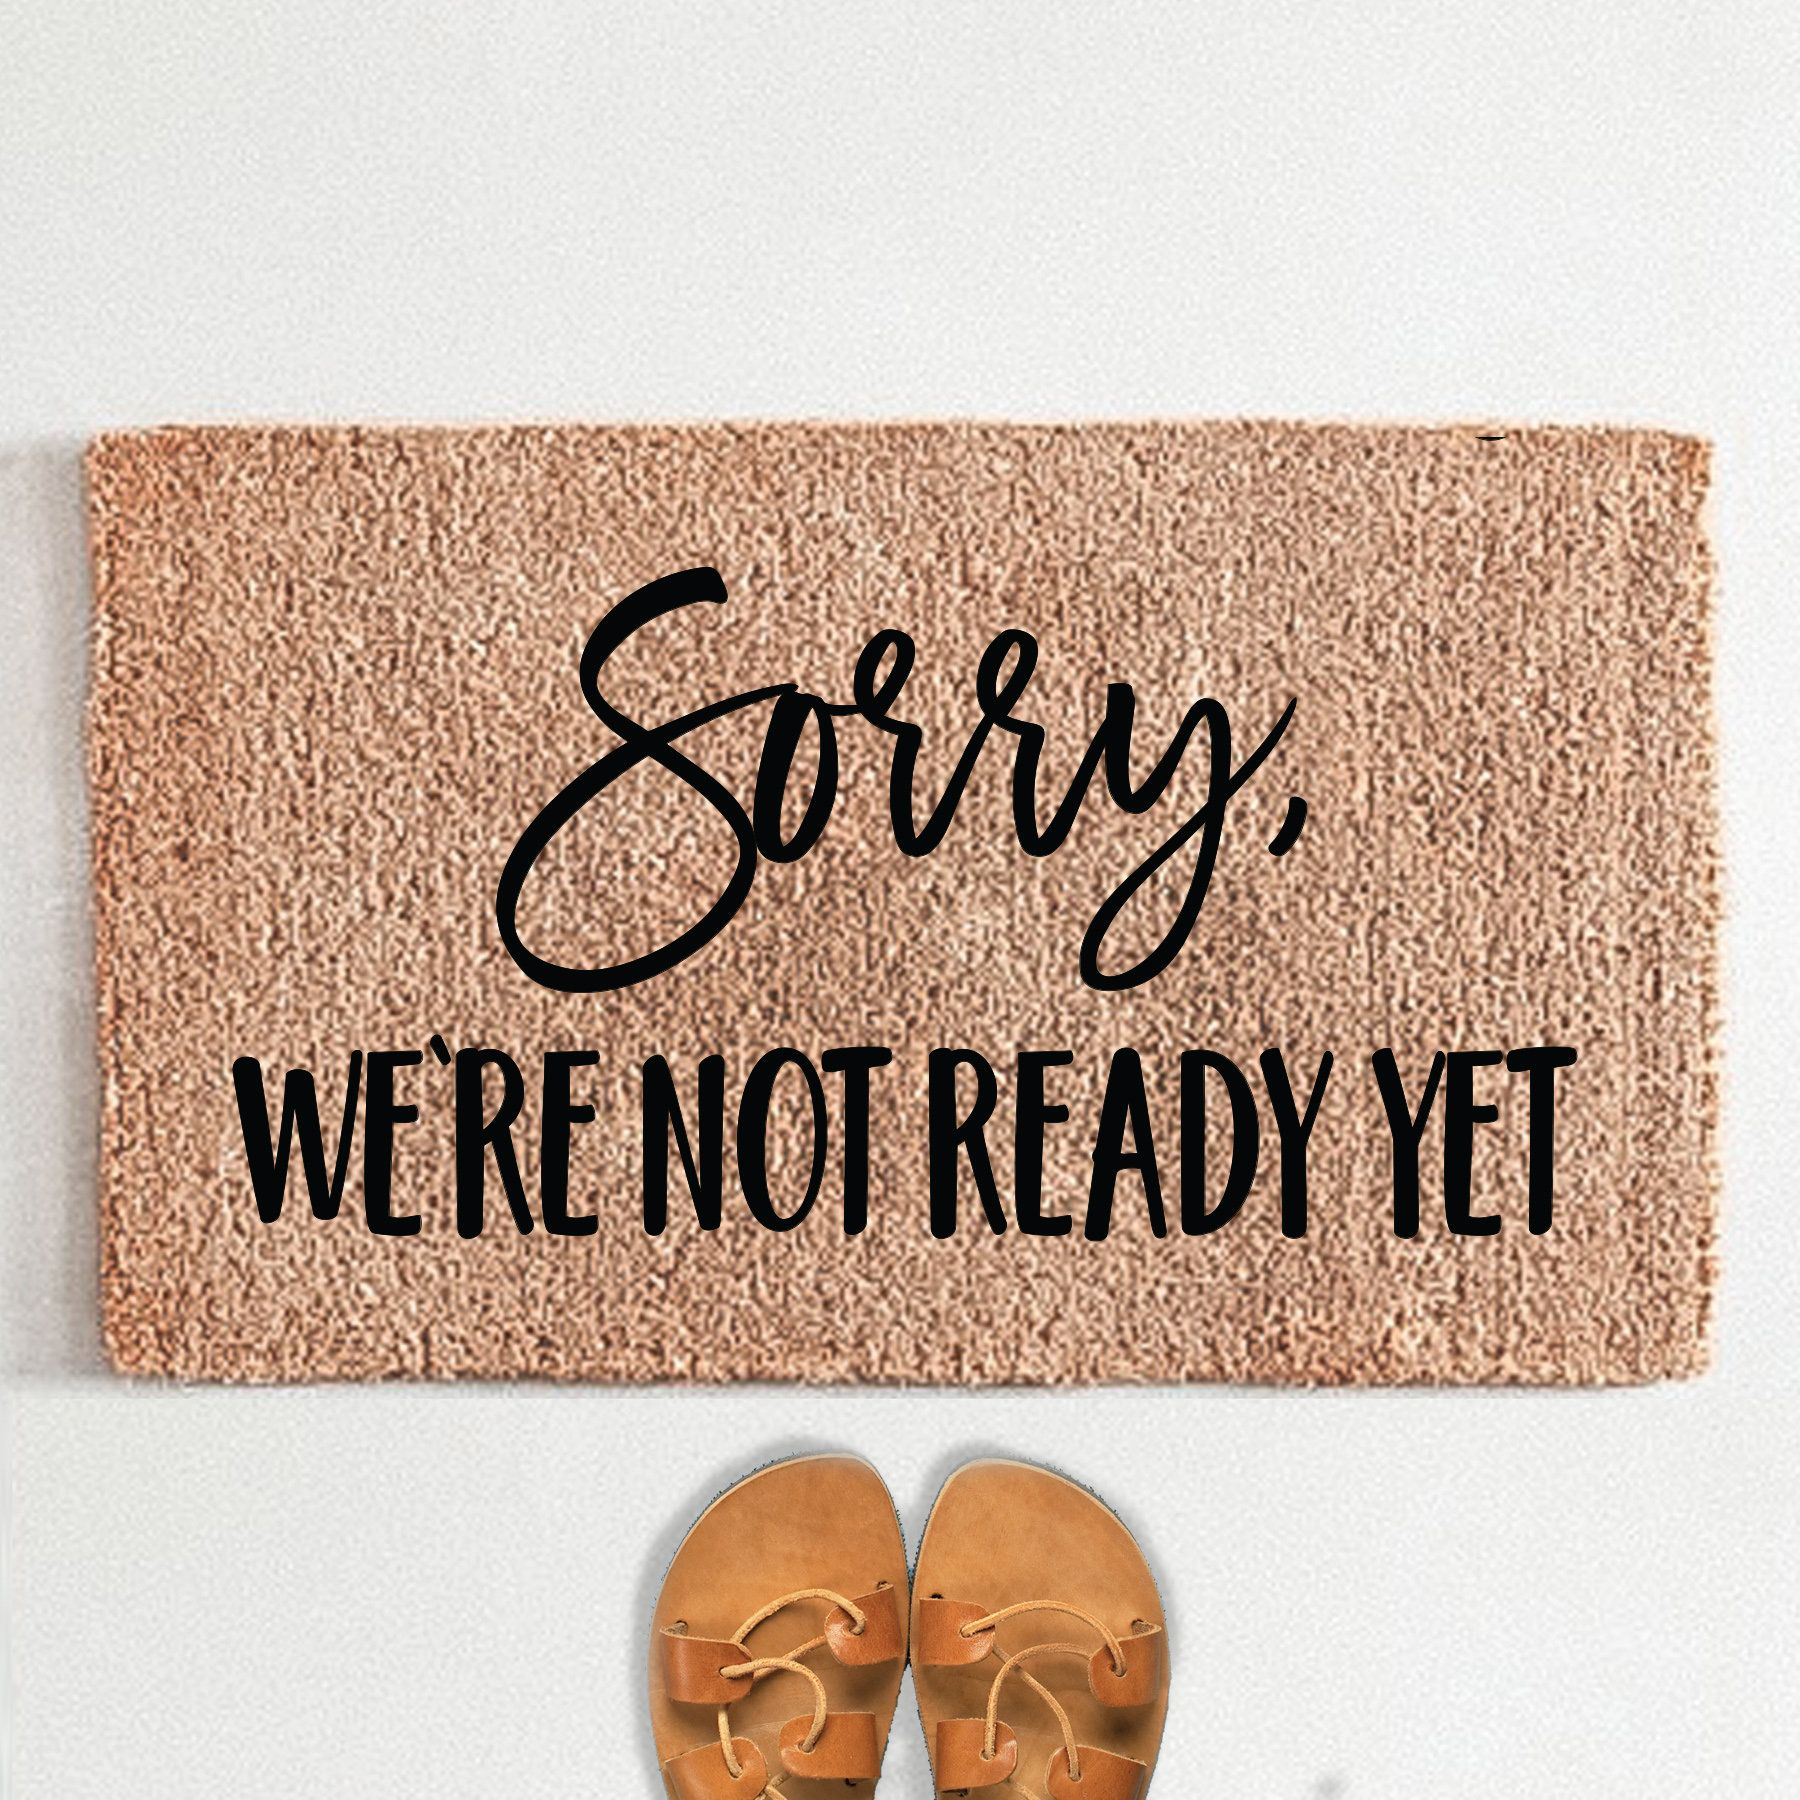 Sorry We Re Not Ready Yet Flocked Coir Doormat Custom Etsy In 2020 Door Mat Custom Doormat Personalized Door Mats